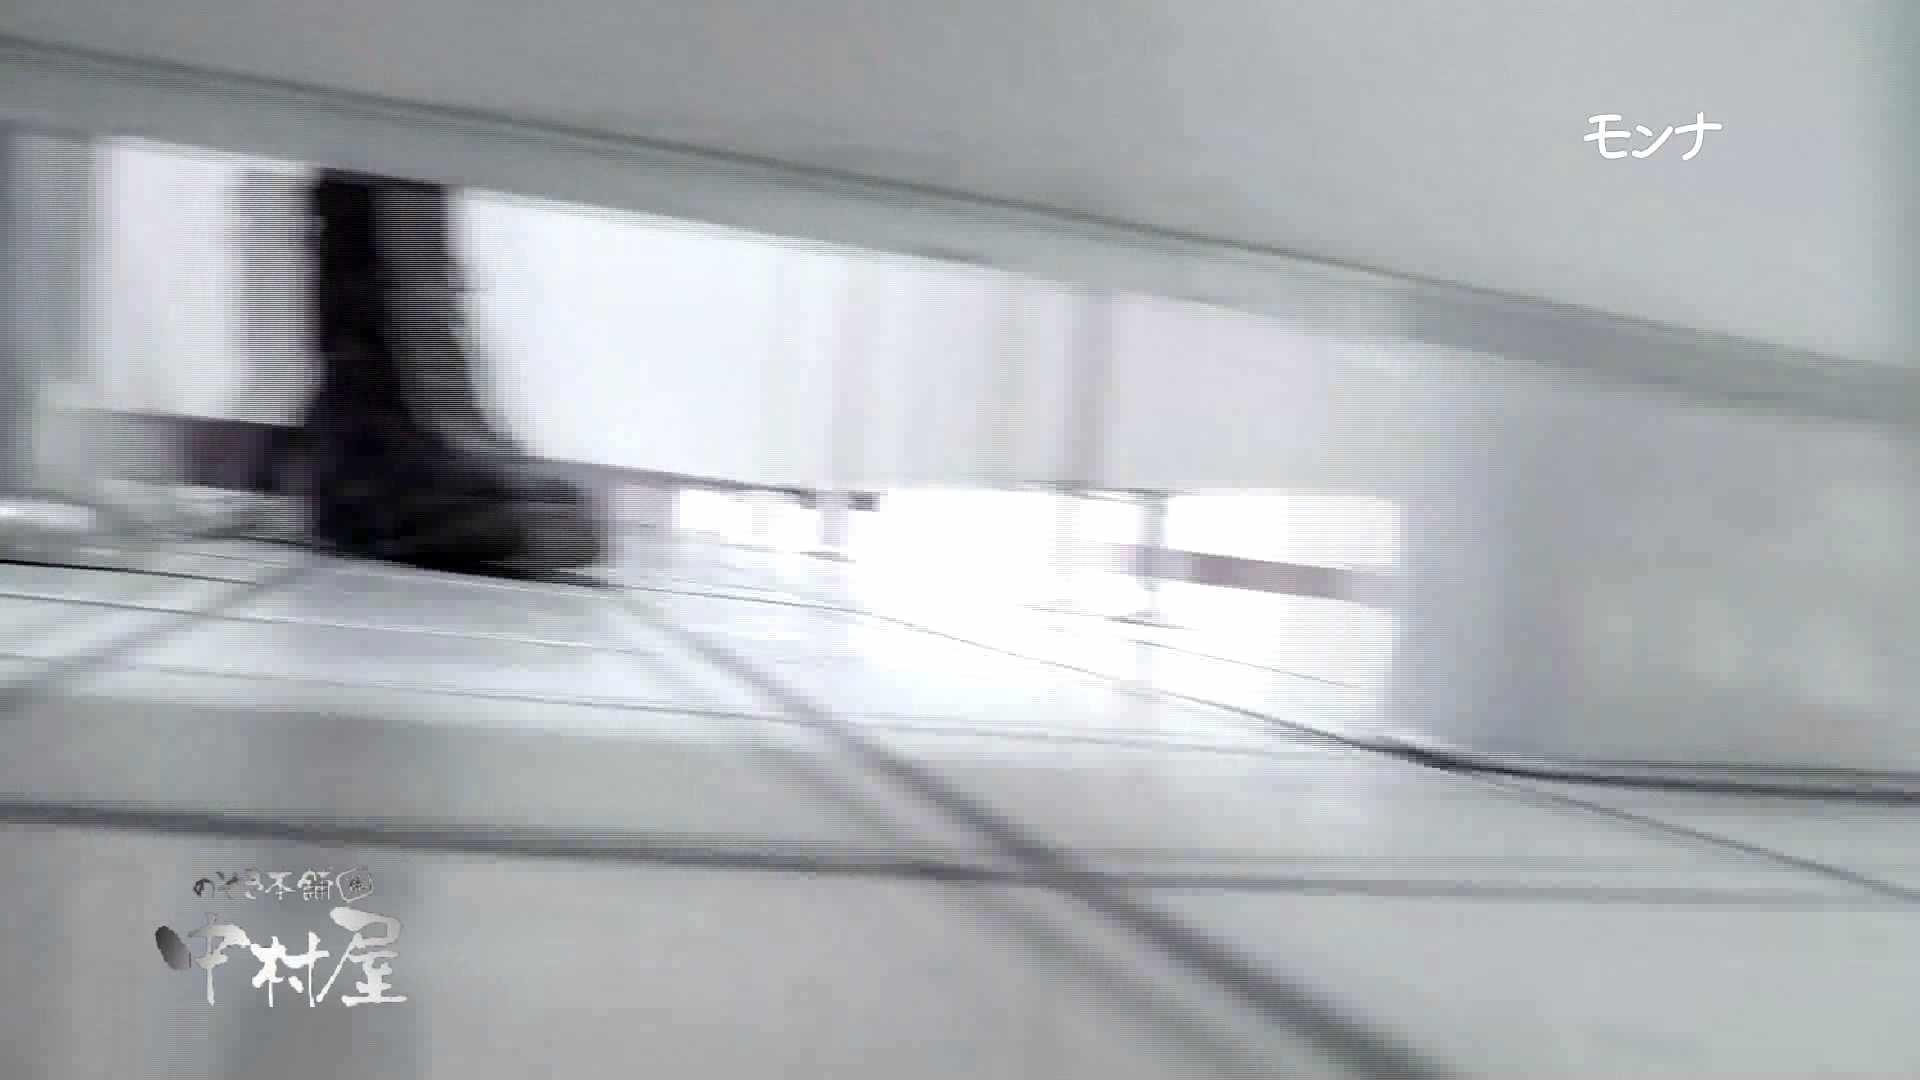 【美しい日本の未来】新学期!!下半身中心に攻めてます美女可愛い女子悪戯盗satuトイレ後編 トイレ オメコ無修正動画無料 25連発 7